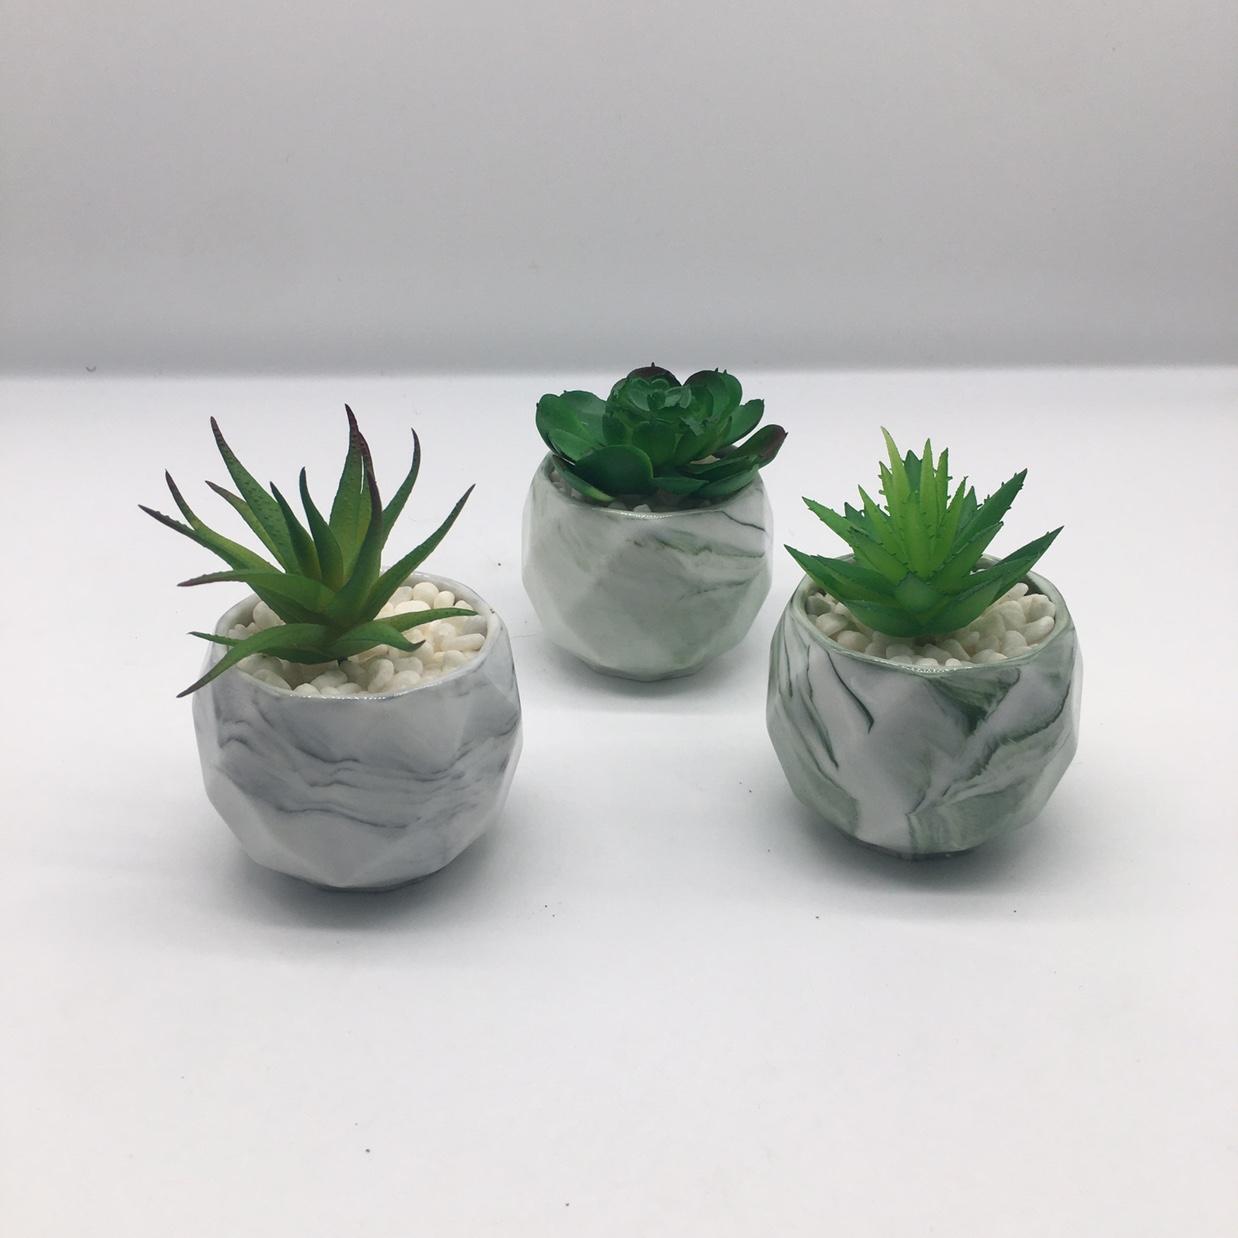 陶瓷多肉花盆大理石纹含植物